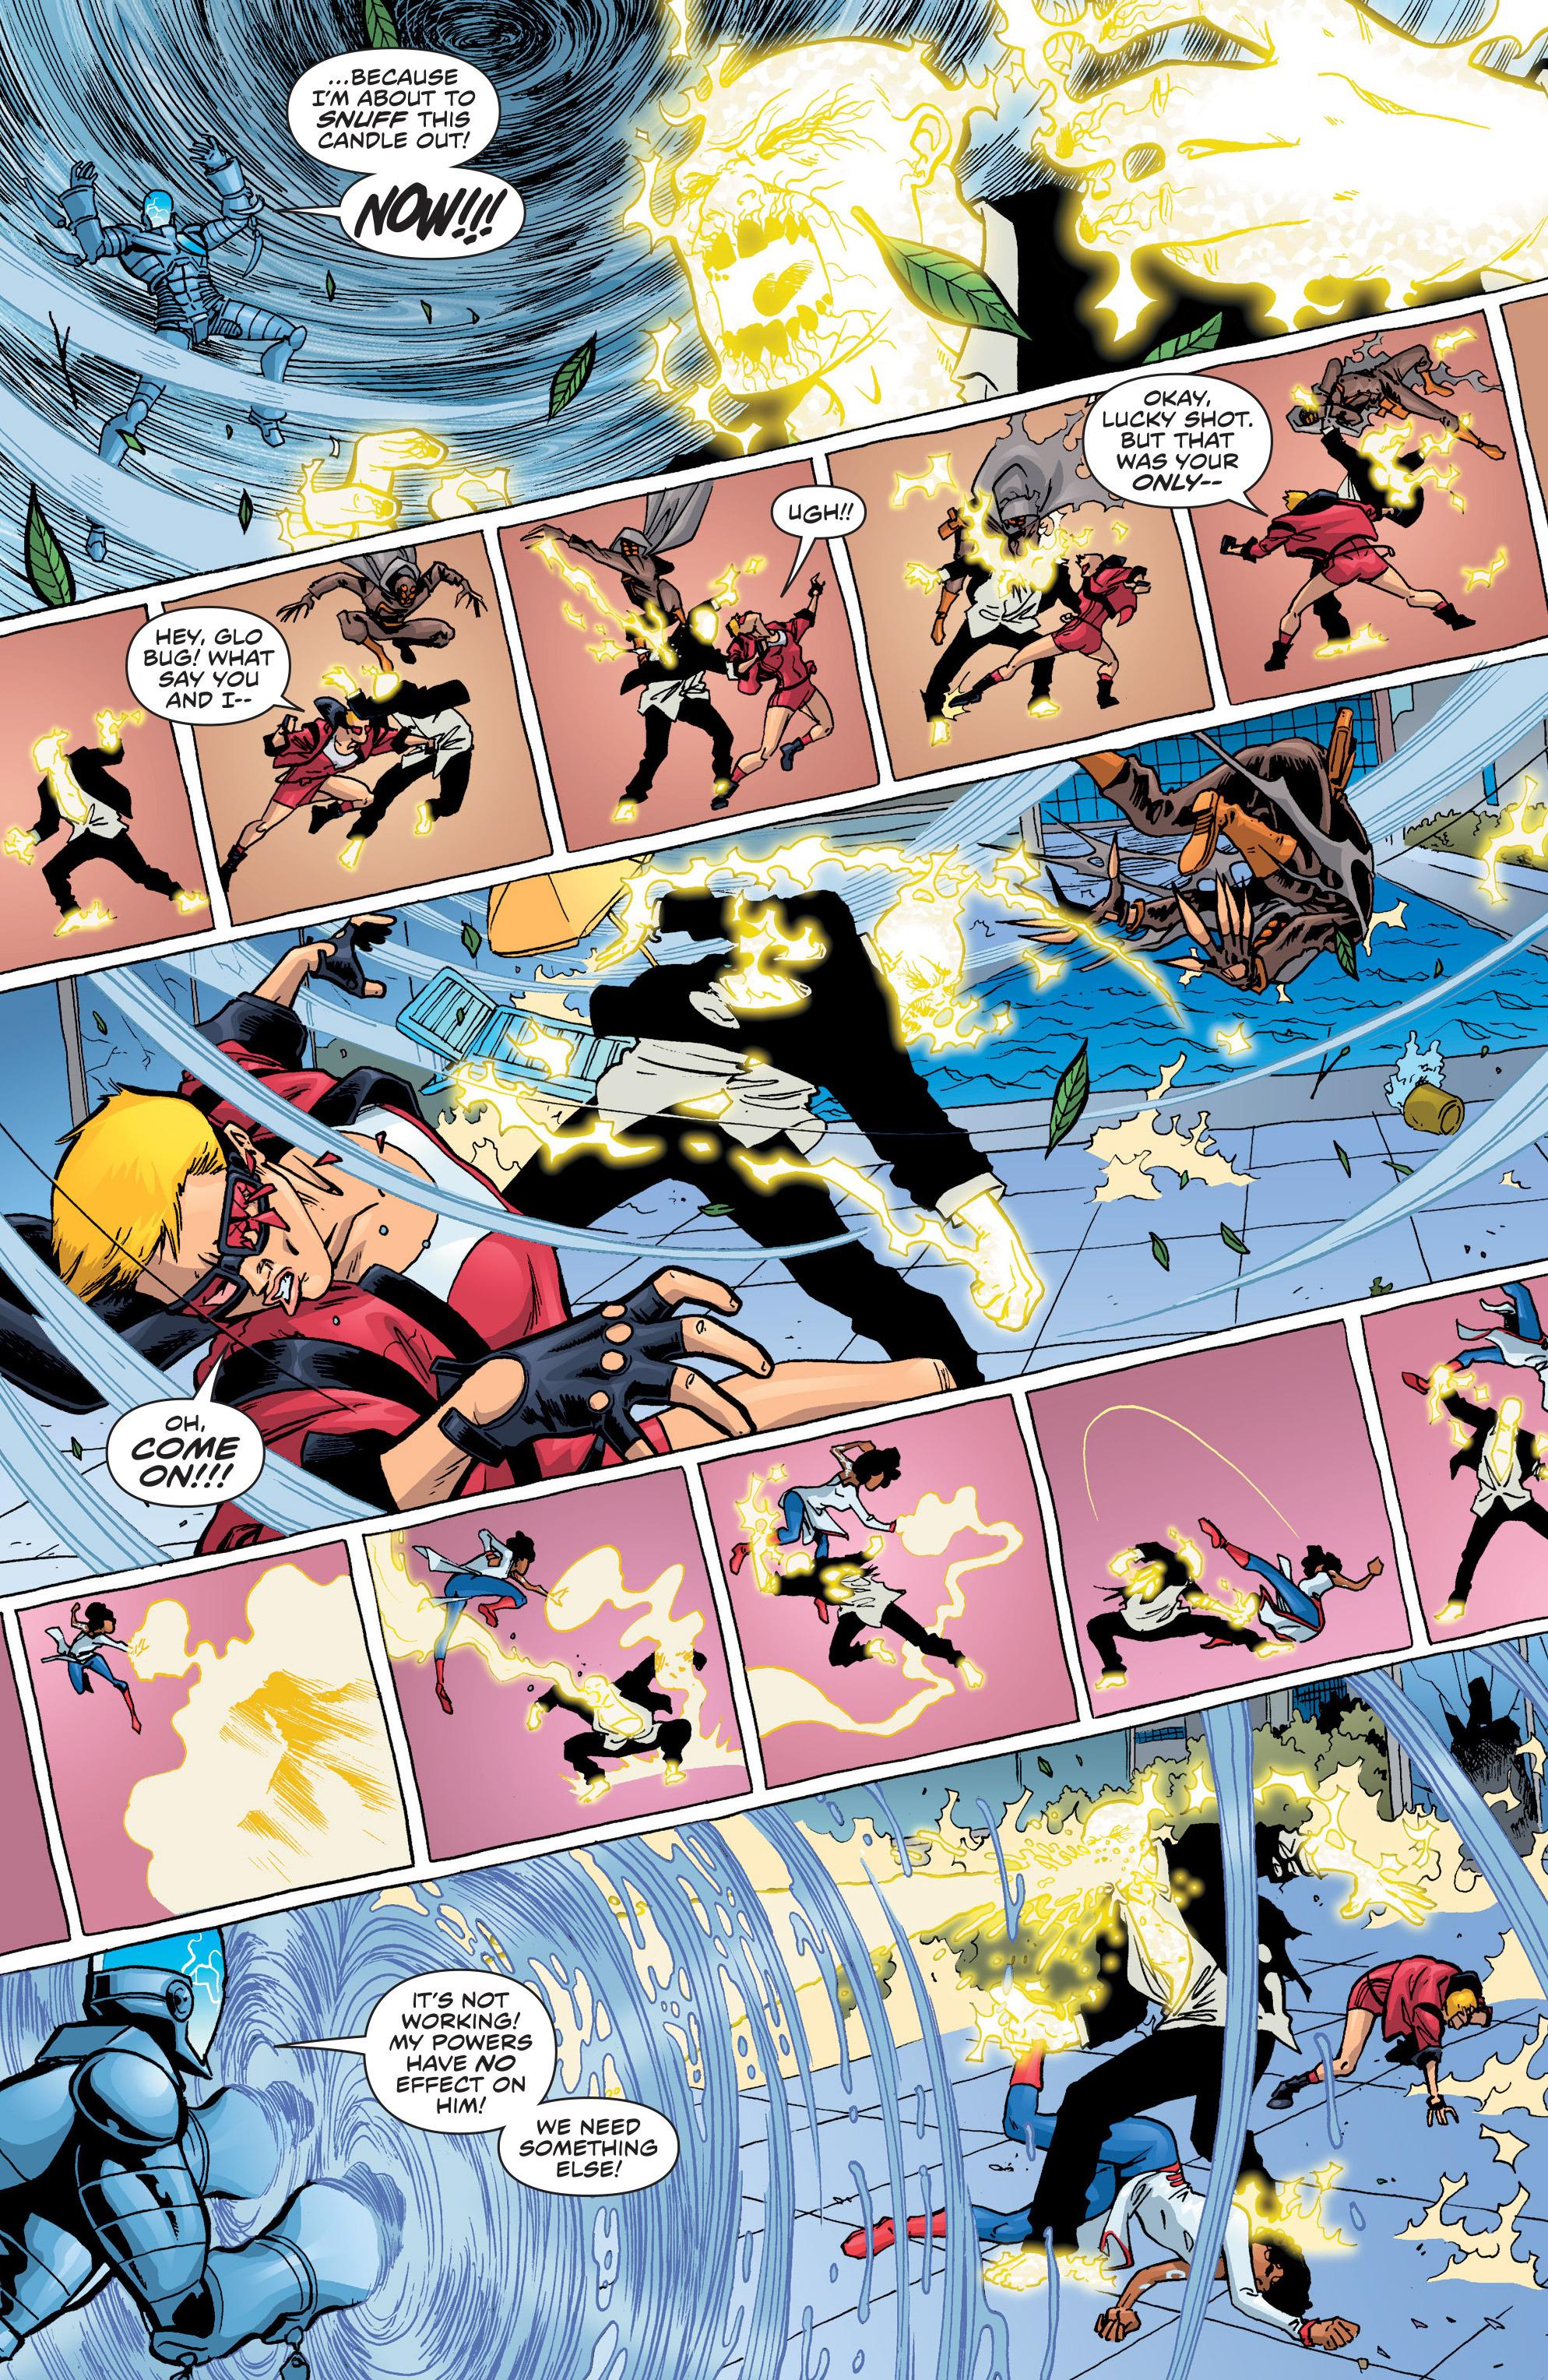 Read online Secret Identities comic -  Issue #3 - 15